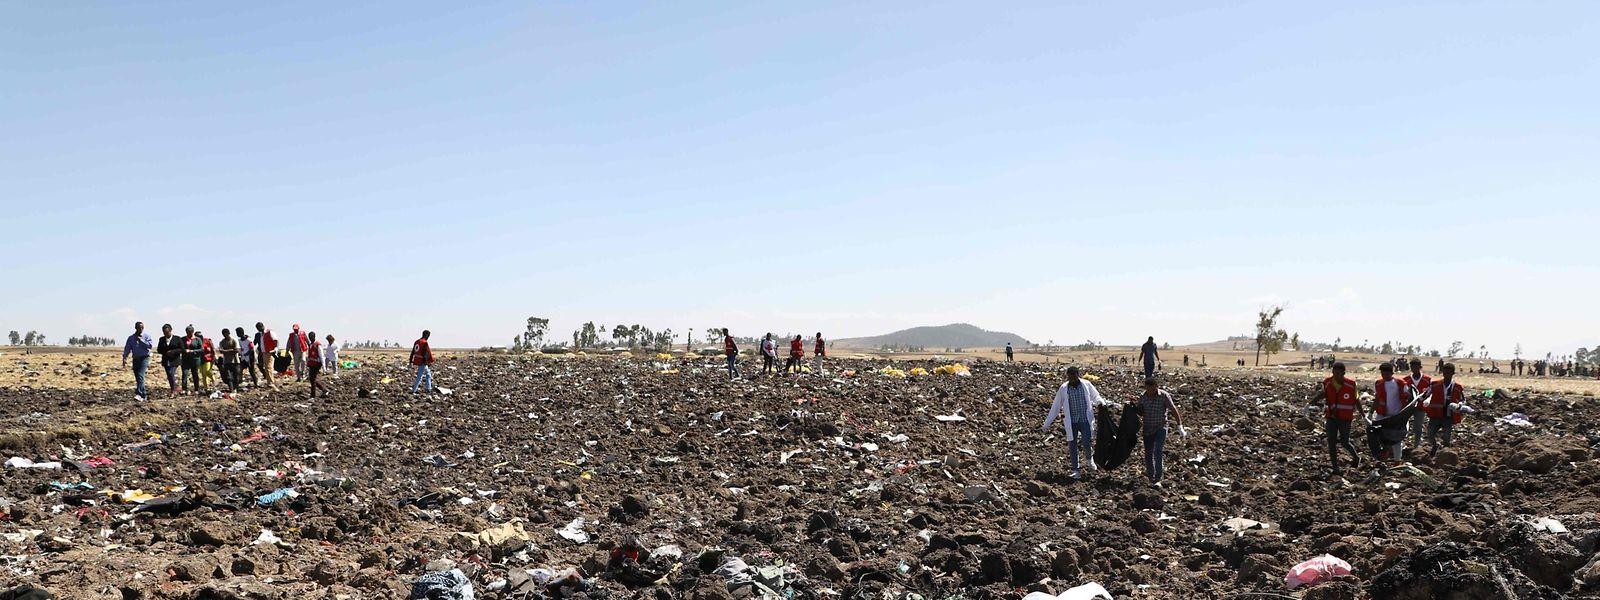 In dem Ethiopia Airlines Absturz am 10. März 2019 kamen 157 Menschen ums Leben.